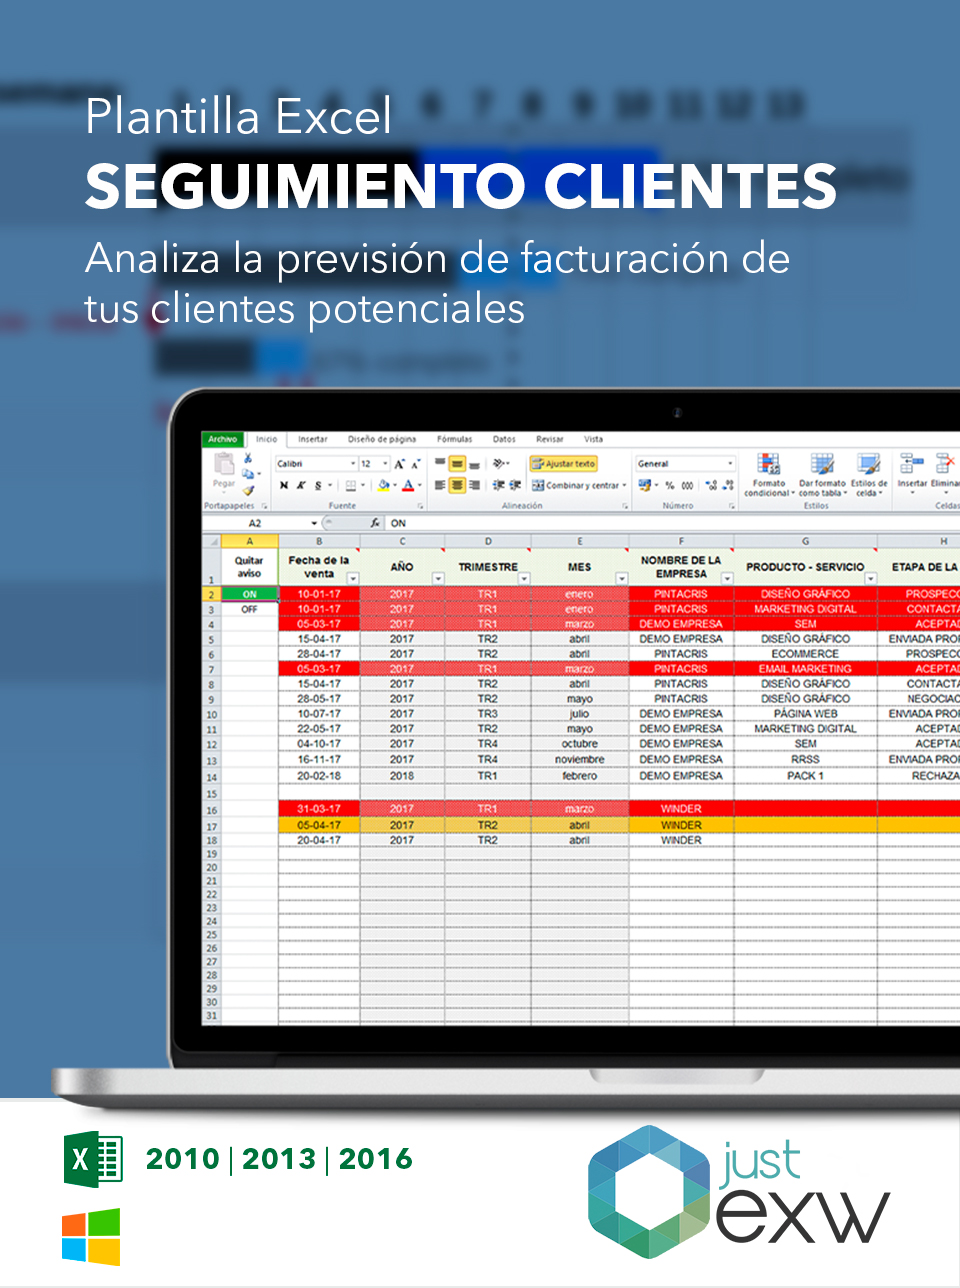 Seguimiento de clientes en Excel | Plantilla de seguimiento de clientes